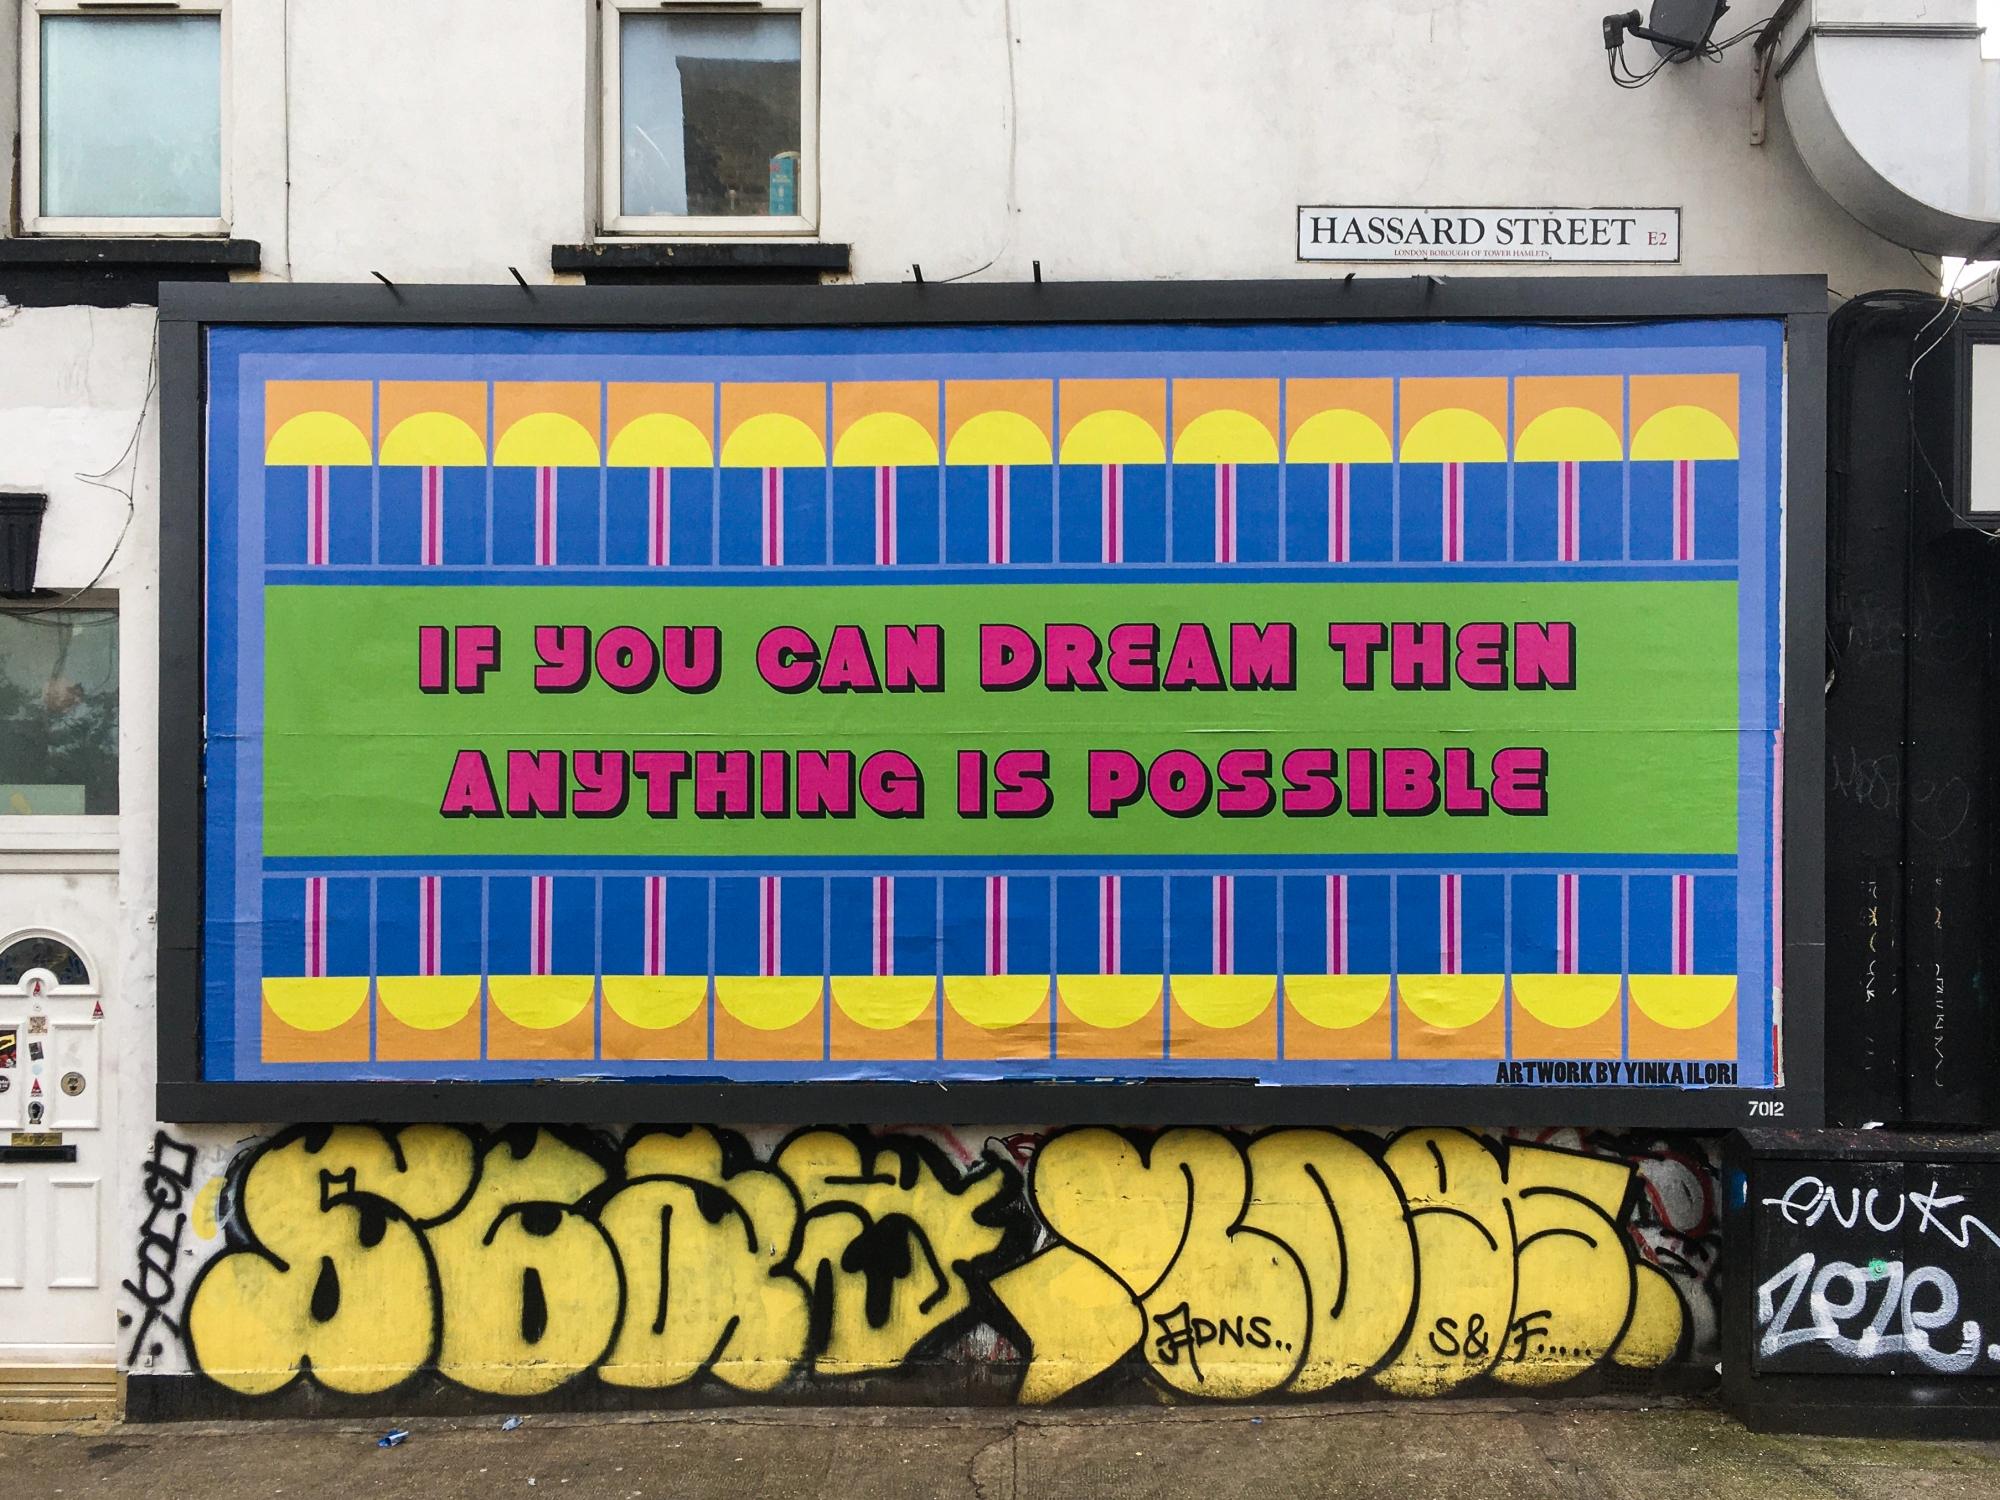 Yinka Ilori's billboard